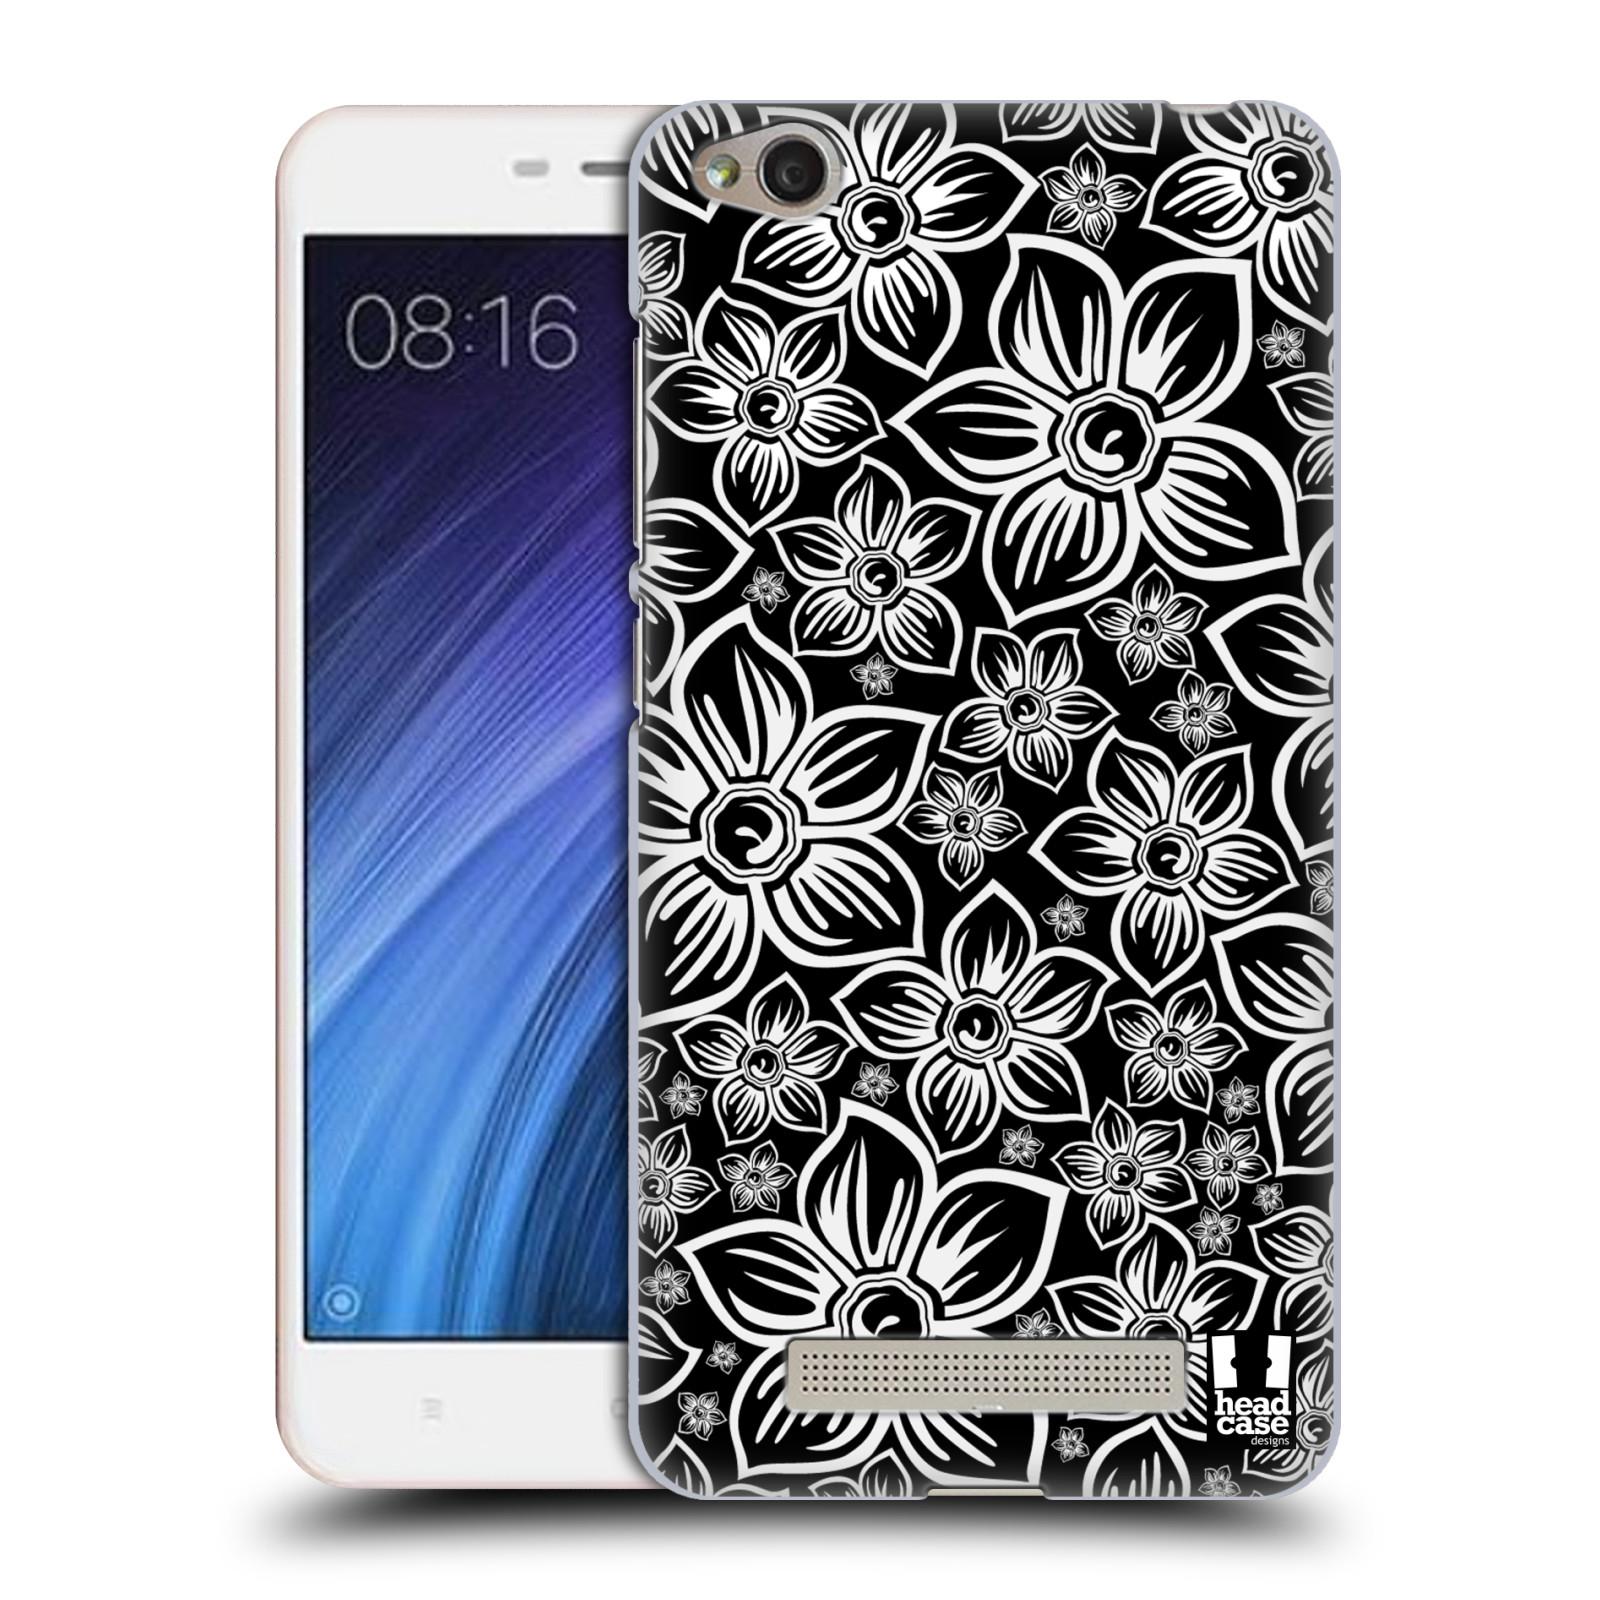 Plastové pouzdro na mobil Xiaomi Redmi 4A HEAD CASE FLORAL DAISY